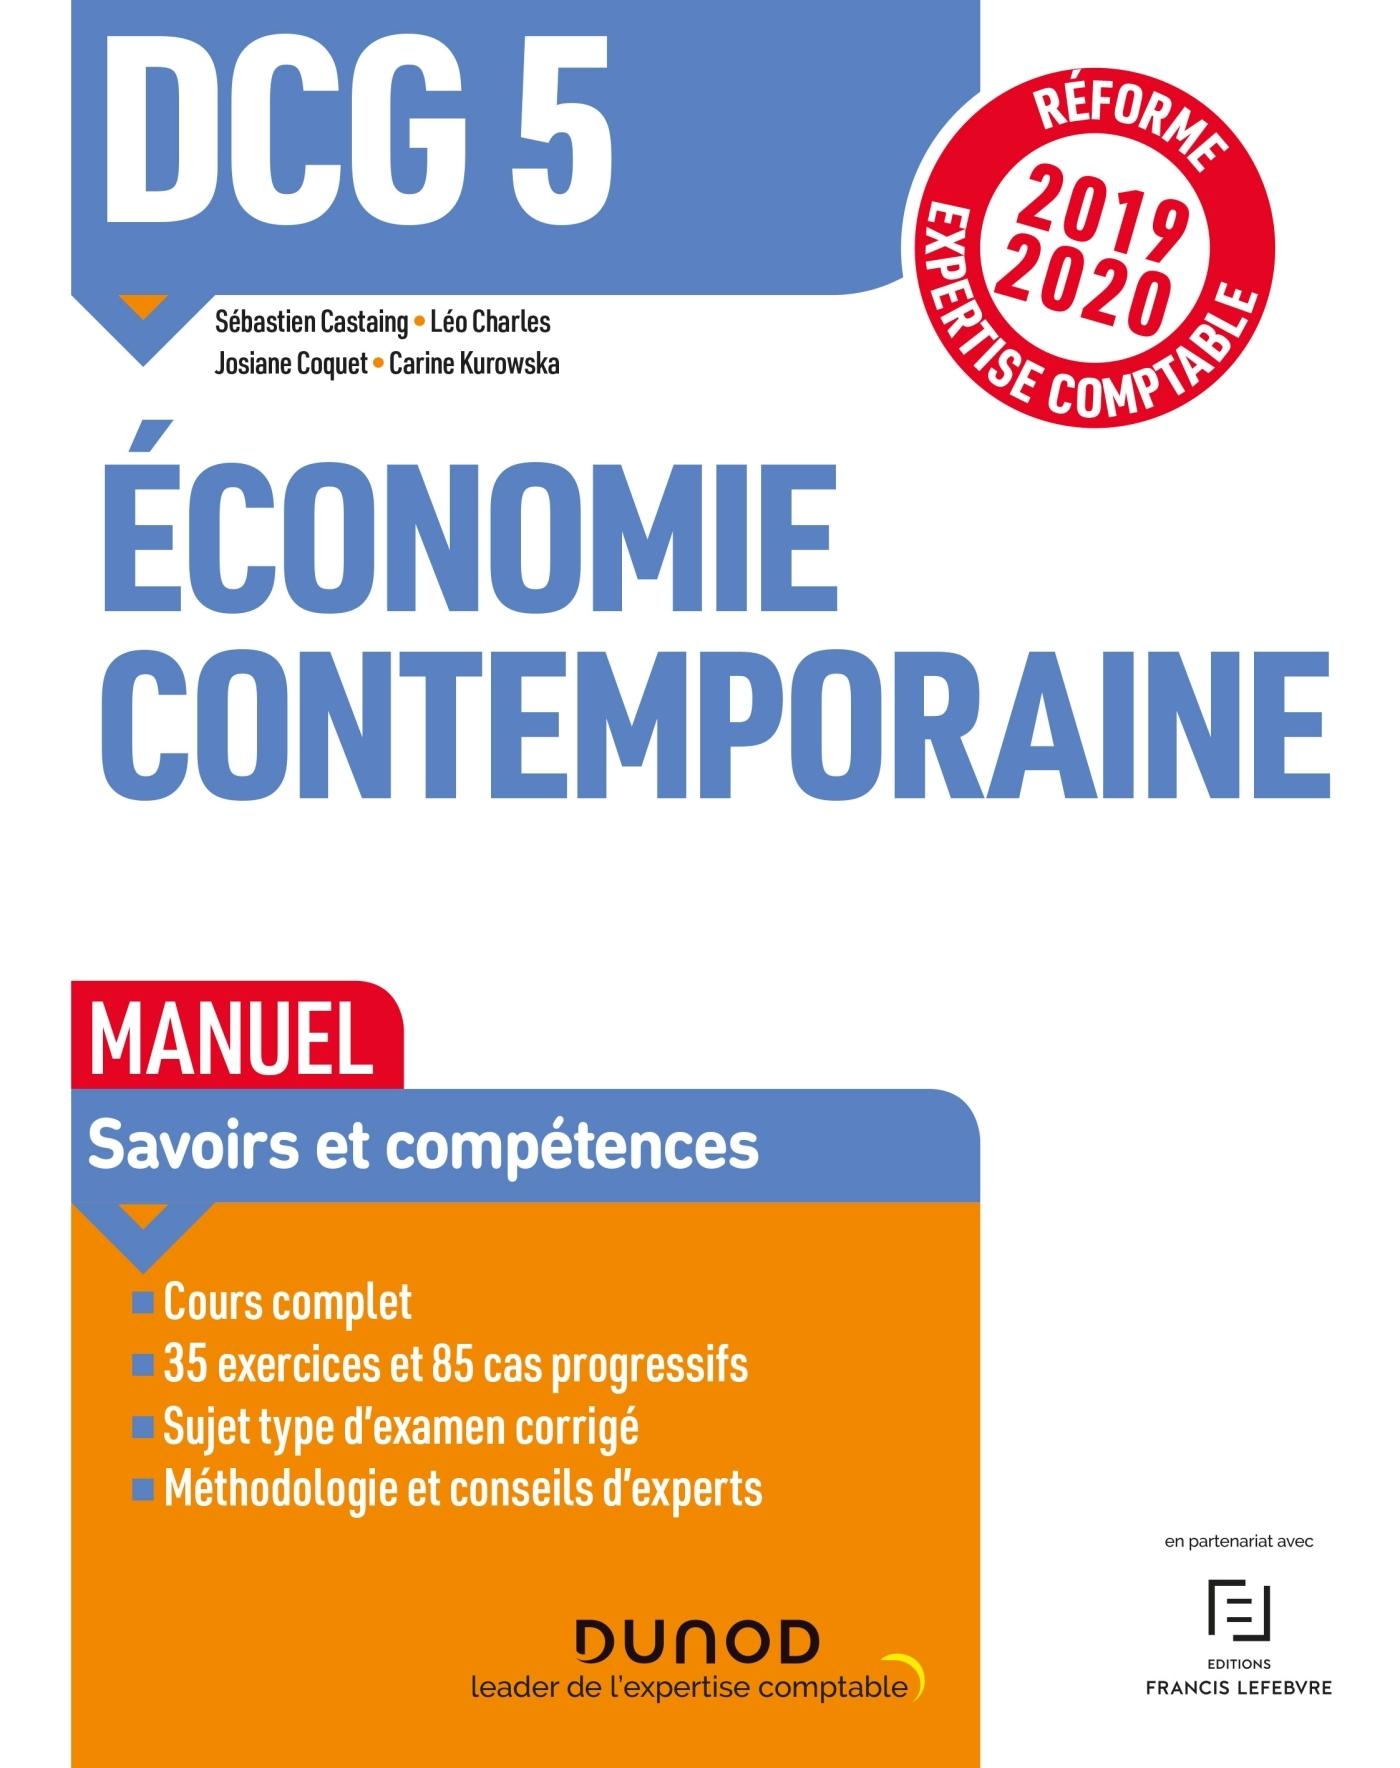 DCG 5 ECONOMIE CONTEMPORAINE - MANUEL - REFORME 2019-2020 - REFORME EXPERTISE COMPTABLE 2019-2020